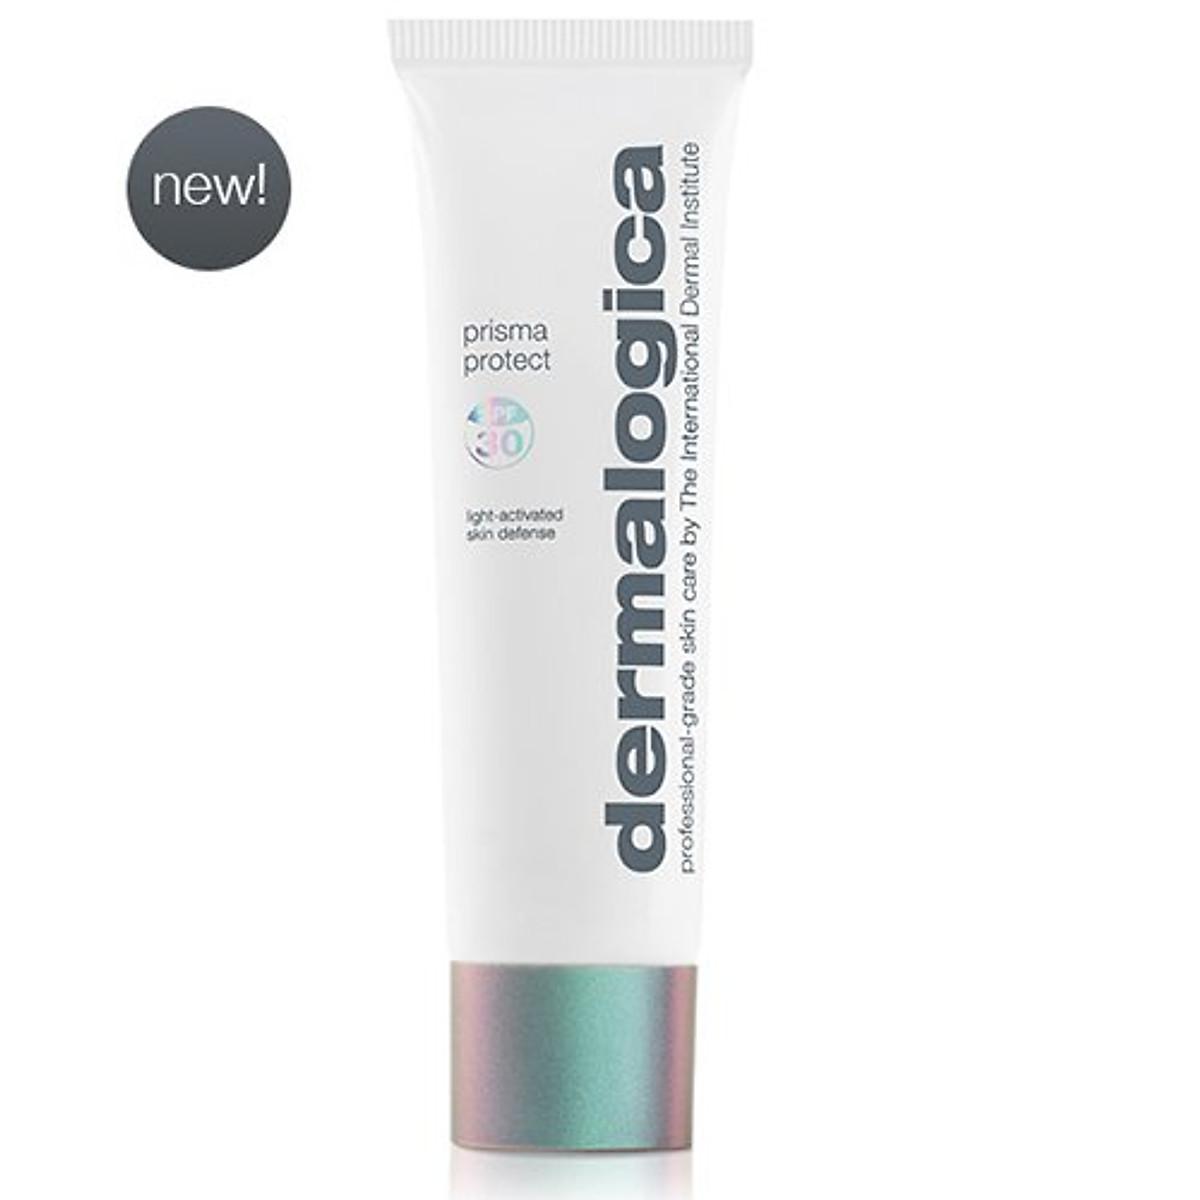 Kem dưỡng ẩm đa nhiệm Dermalogica Prisma Protect Spf 30